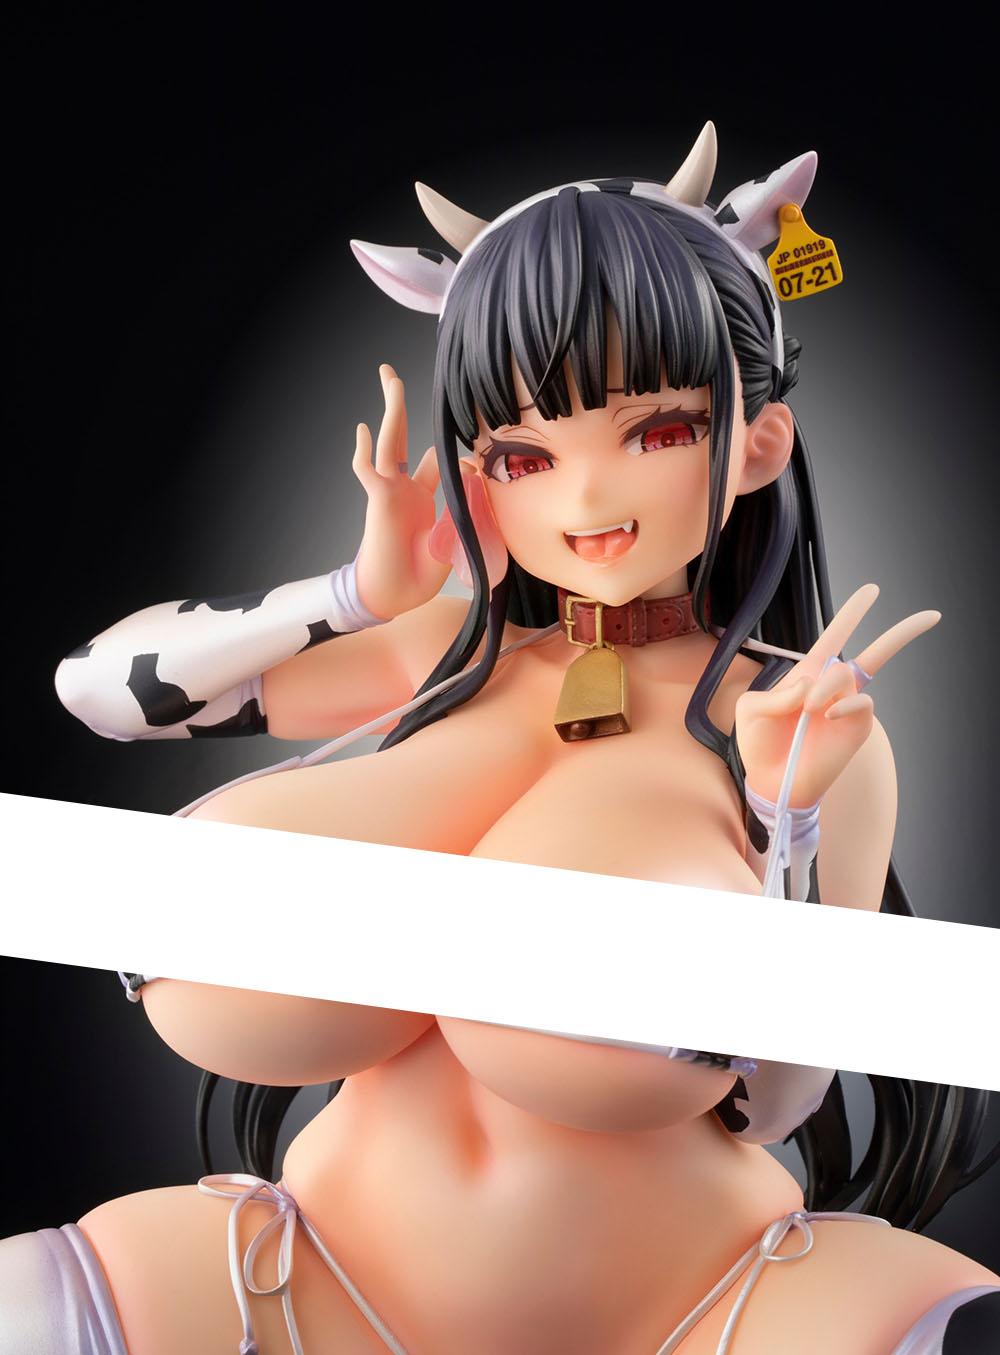 【限定販売】 朝凪オリジナルキャラクター『四条寺 愛莉』1/5 完成品フィギュア-001